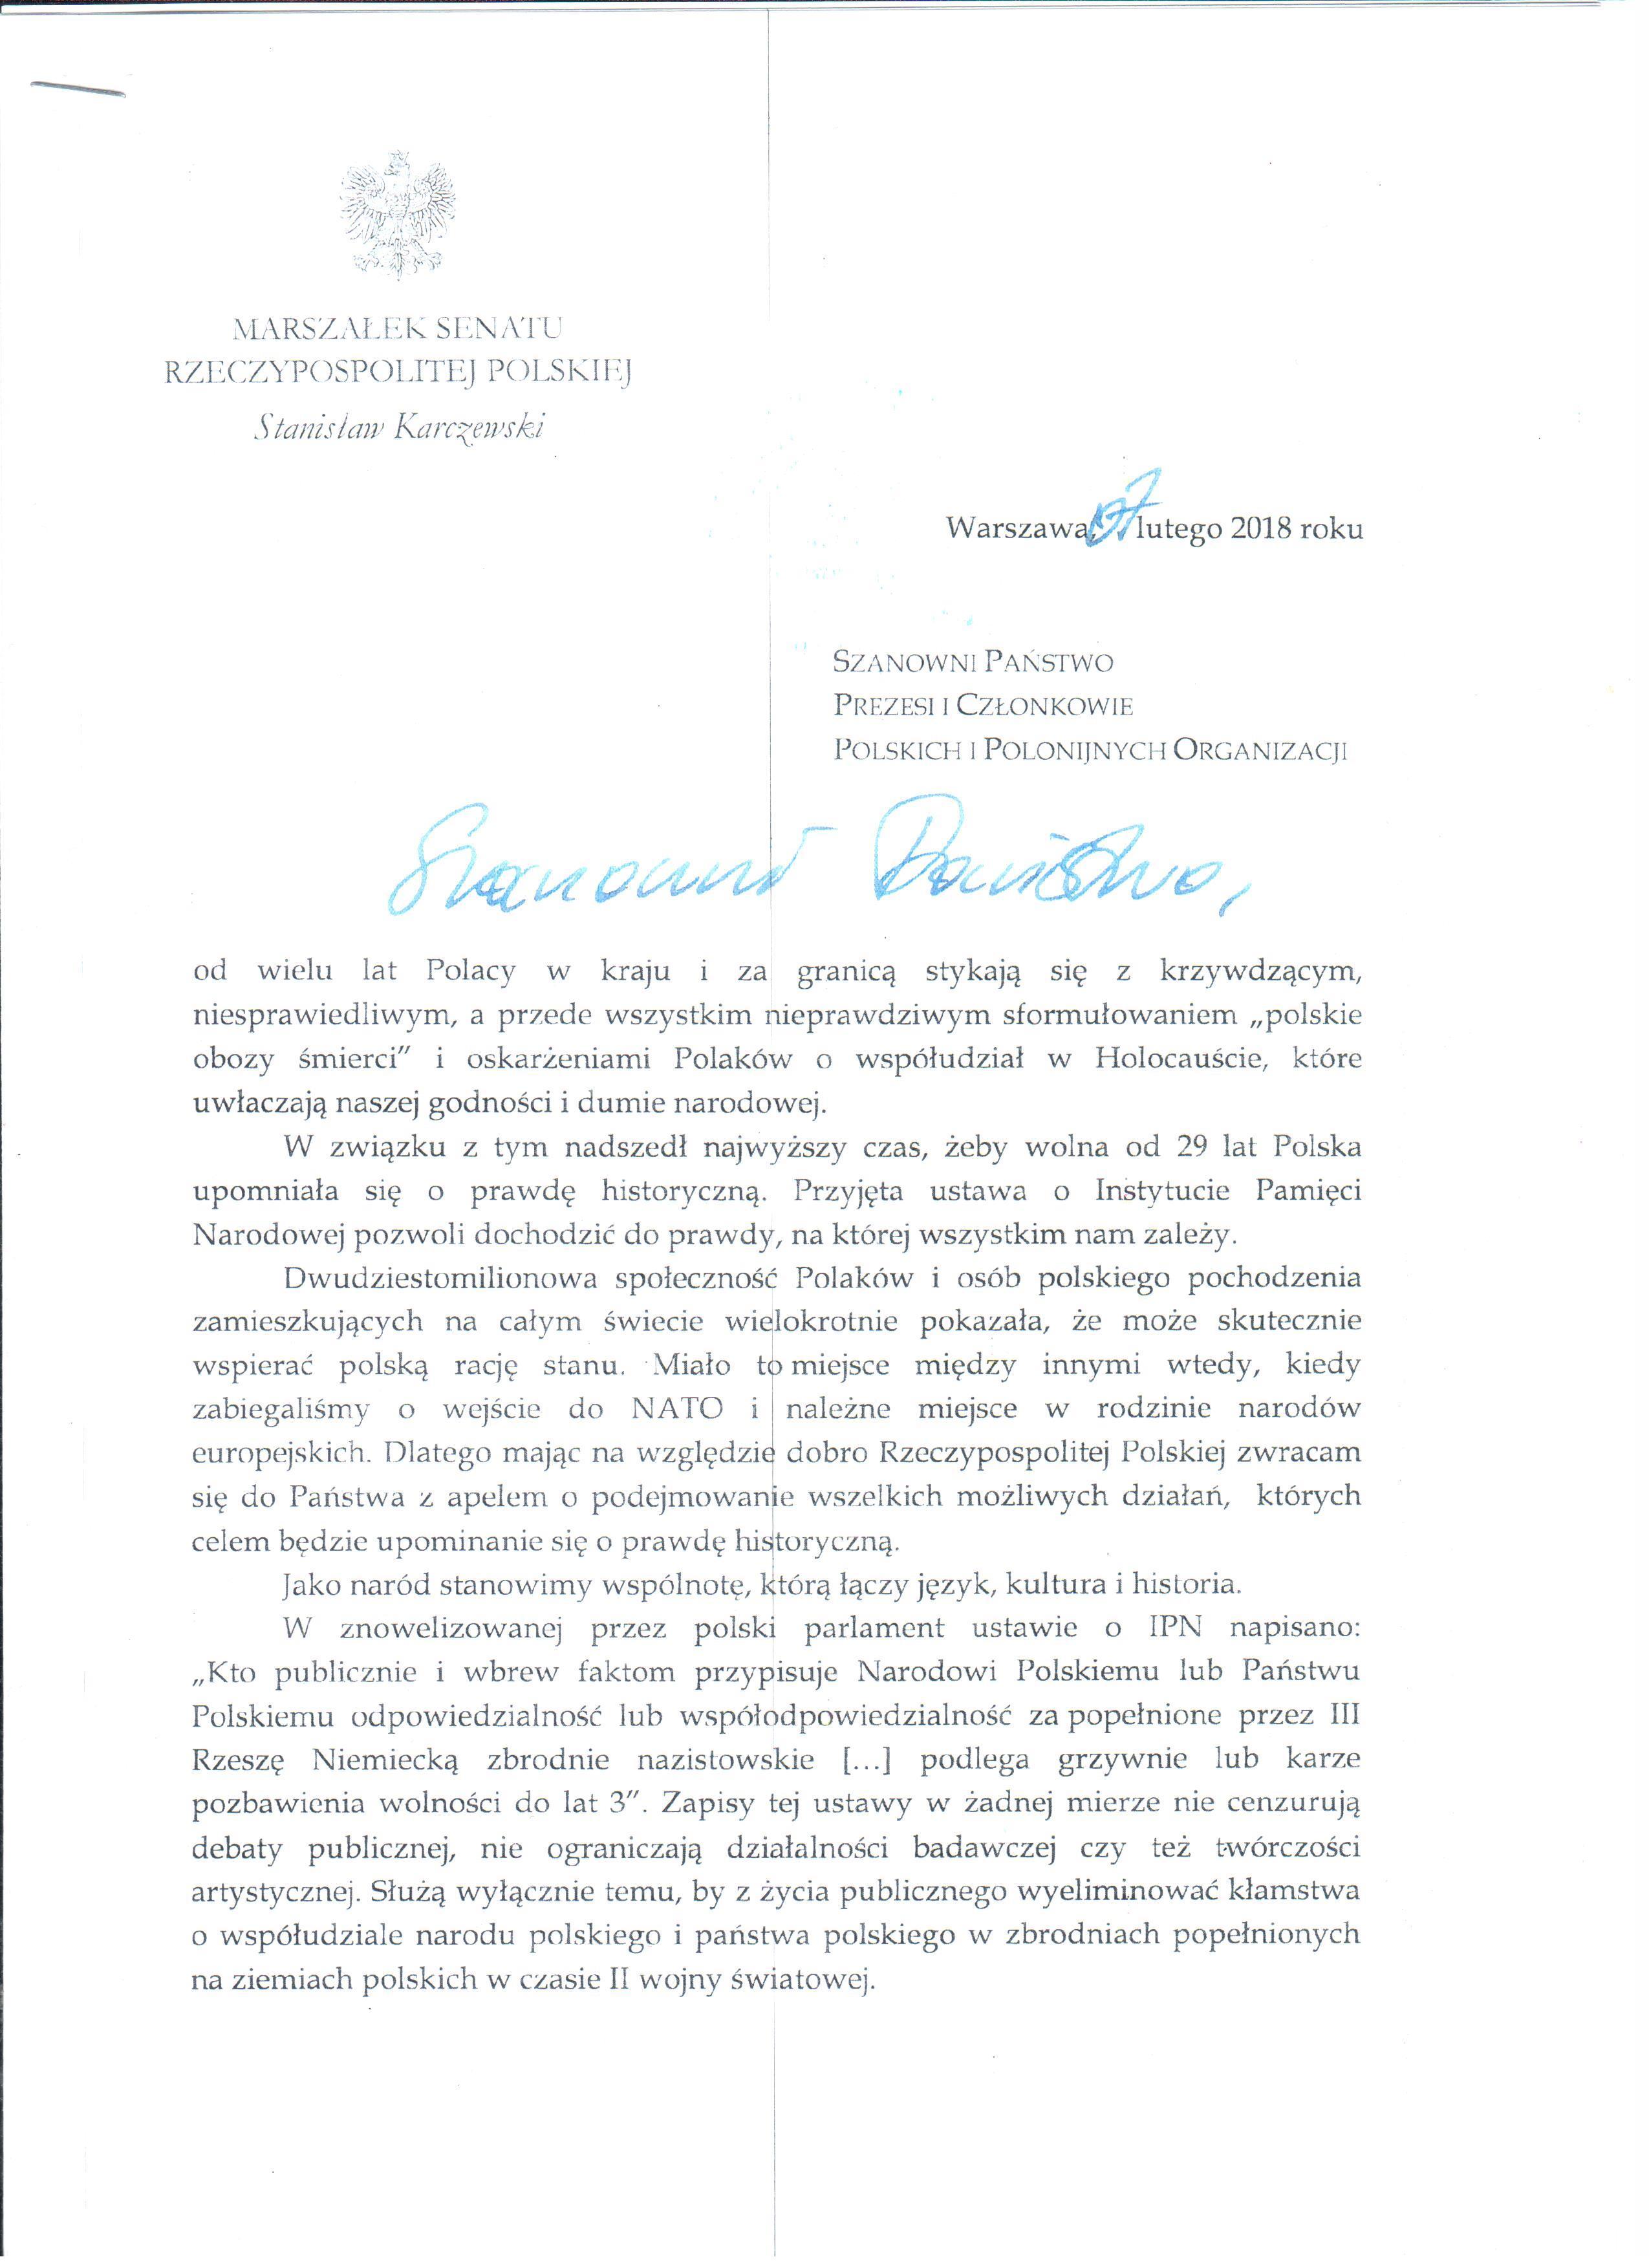 List Marszałka Senatu w sprawie obrony dobrego imienia Polski i Polaków